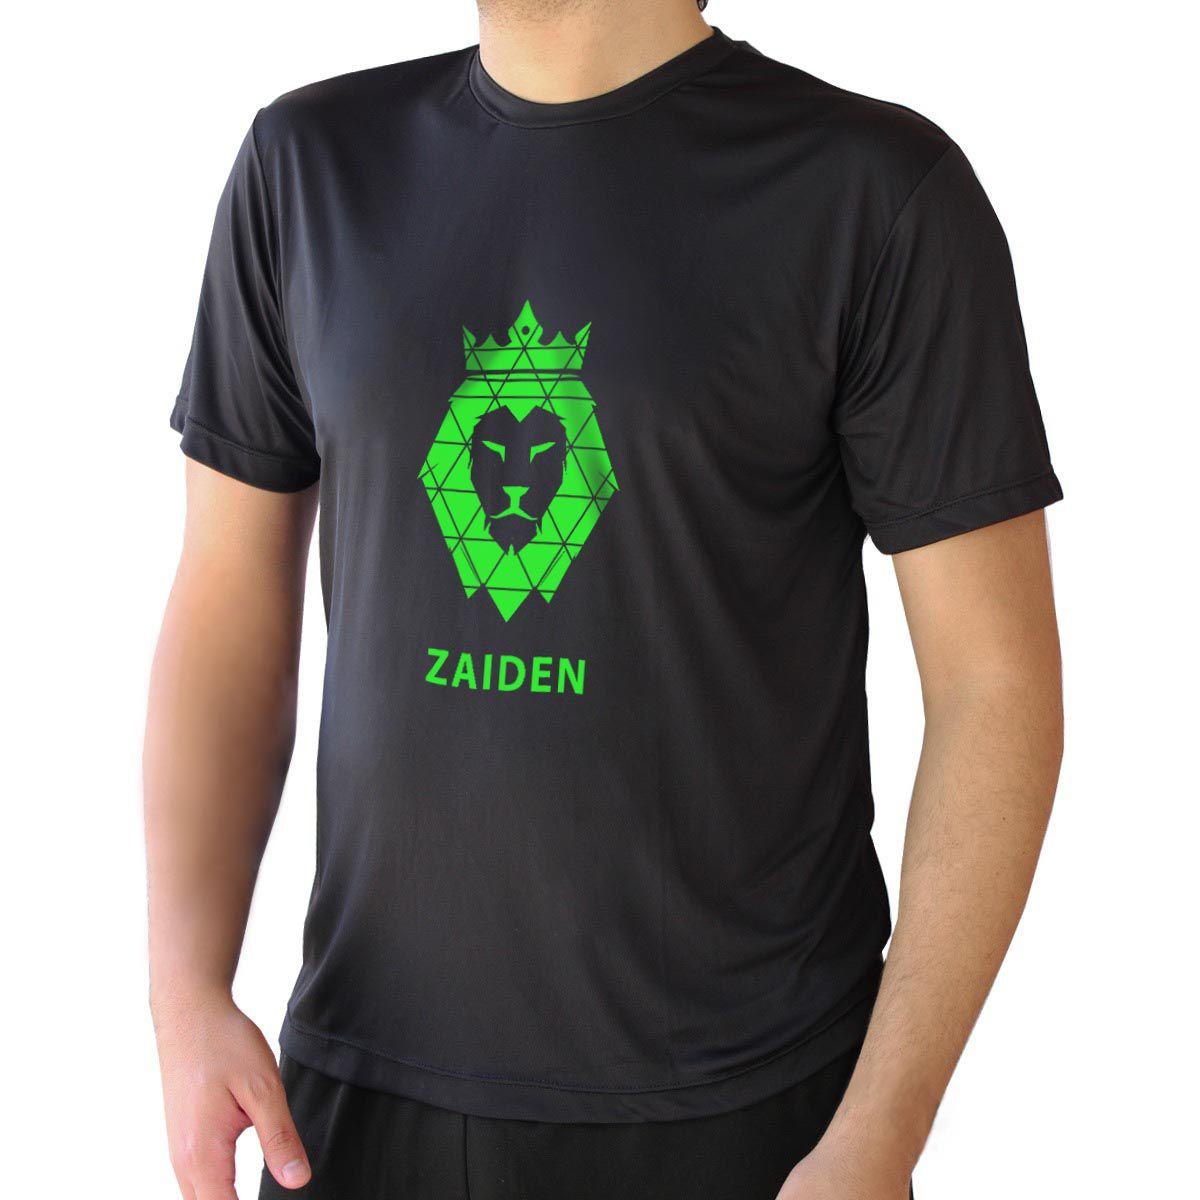 Camiseta Masculina Poliamida Preta ZAIDEN Leão Verde